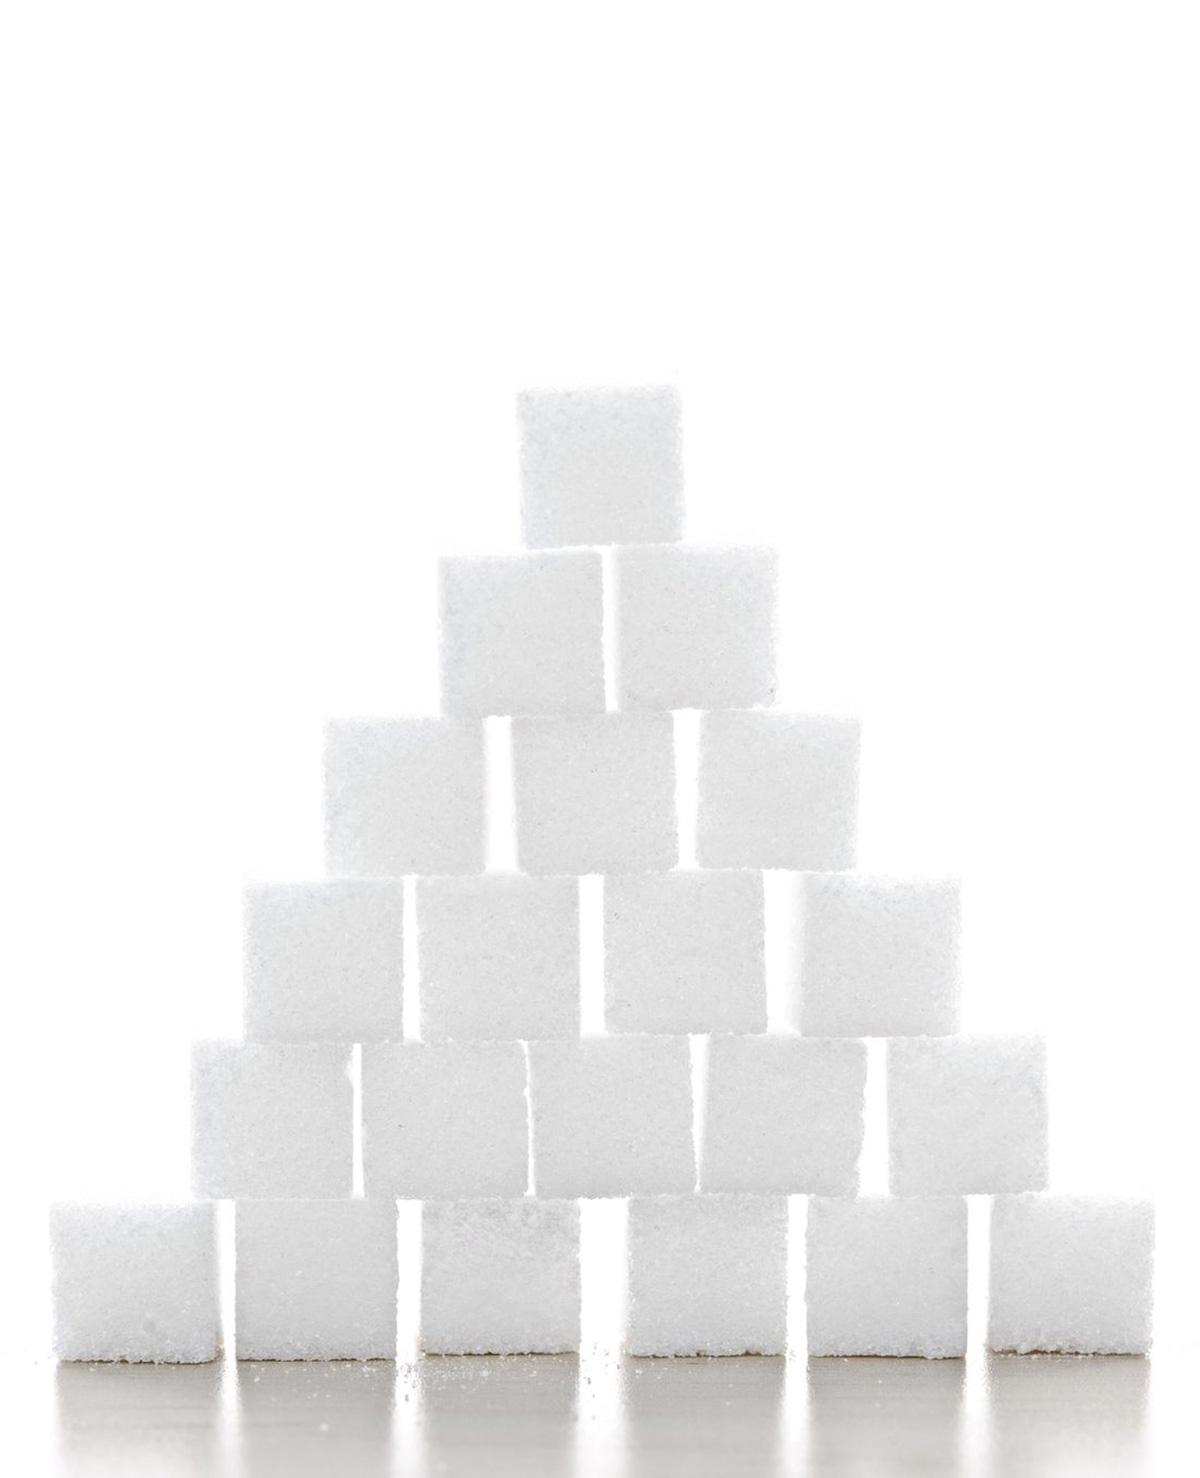 Hoeveel suikerklontjes zitten er in bitter lemon?